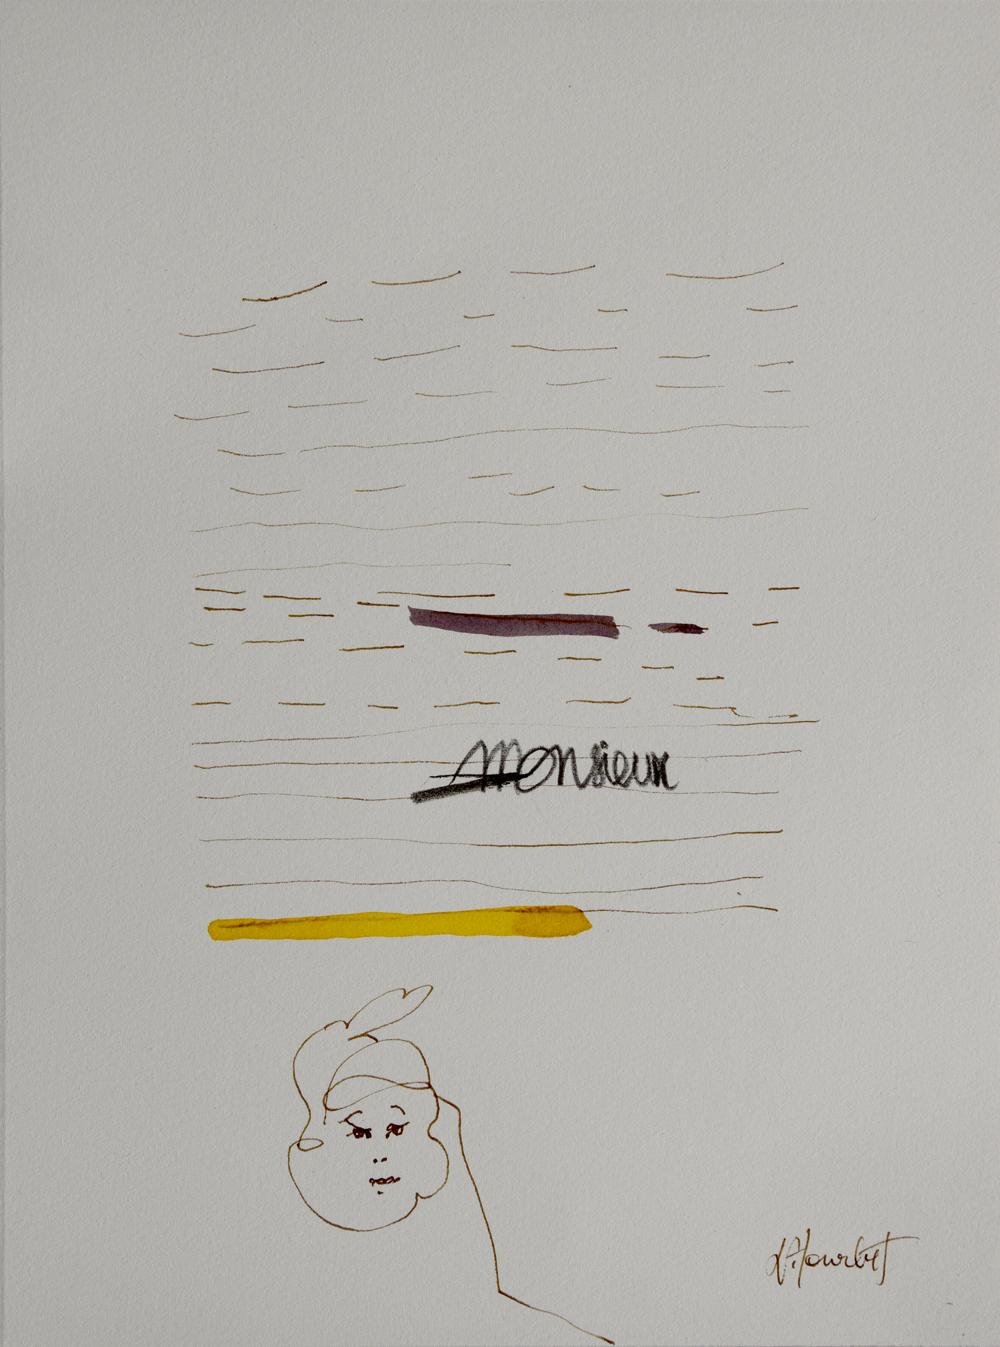 201512(35x27,7 cm) (7)